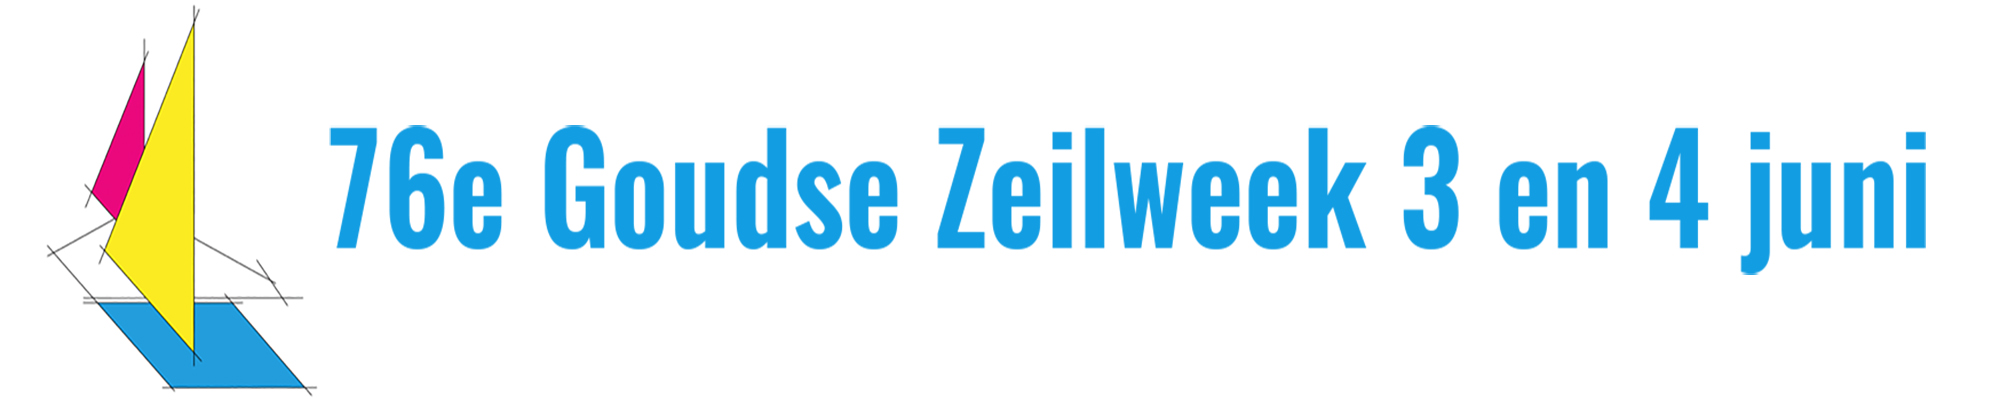 76e Goudse Zeilweek 3 en 4 juni 2017